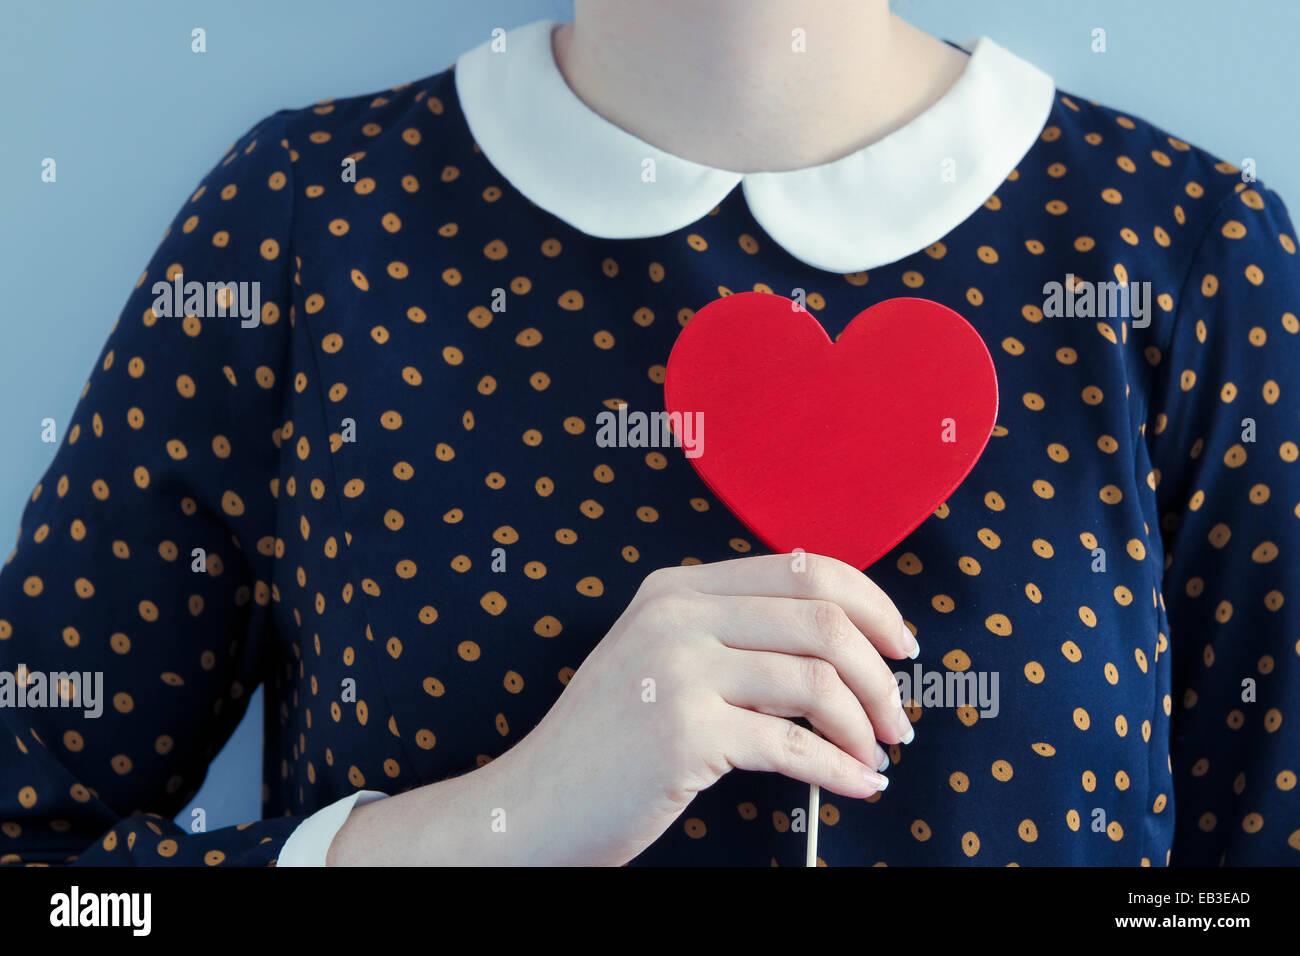 Donna che indossa la polka dot dress holding cuore forma oggetto Immagini Stock